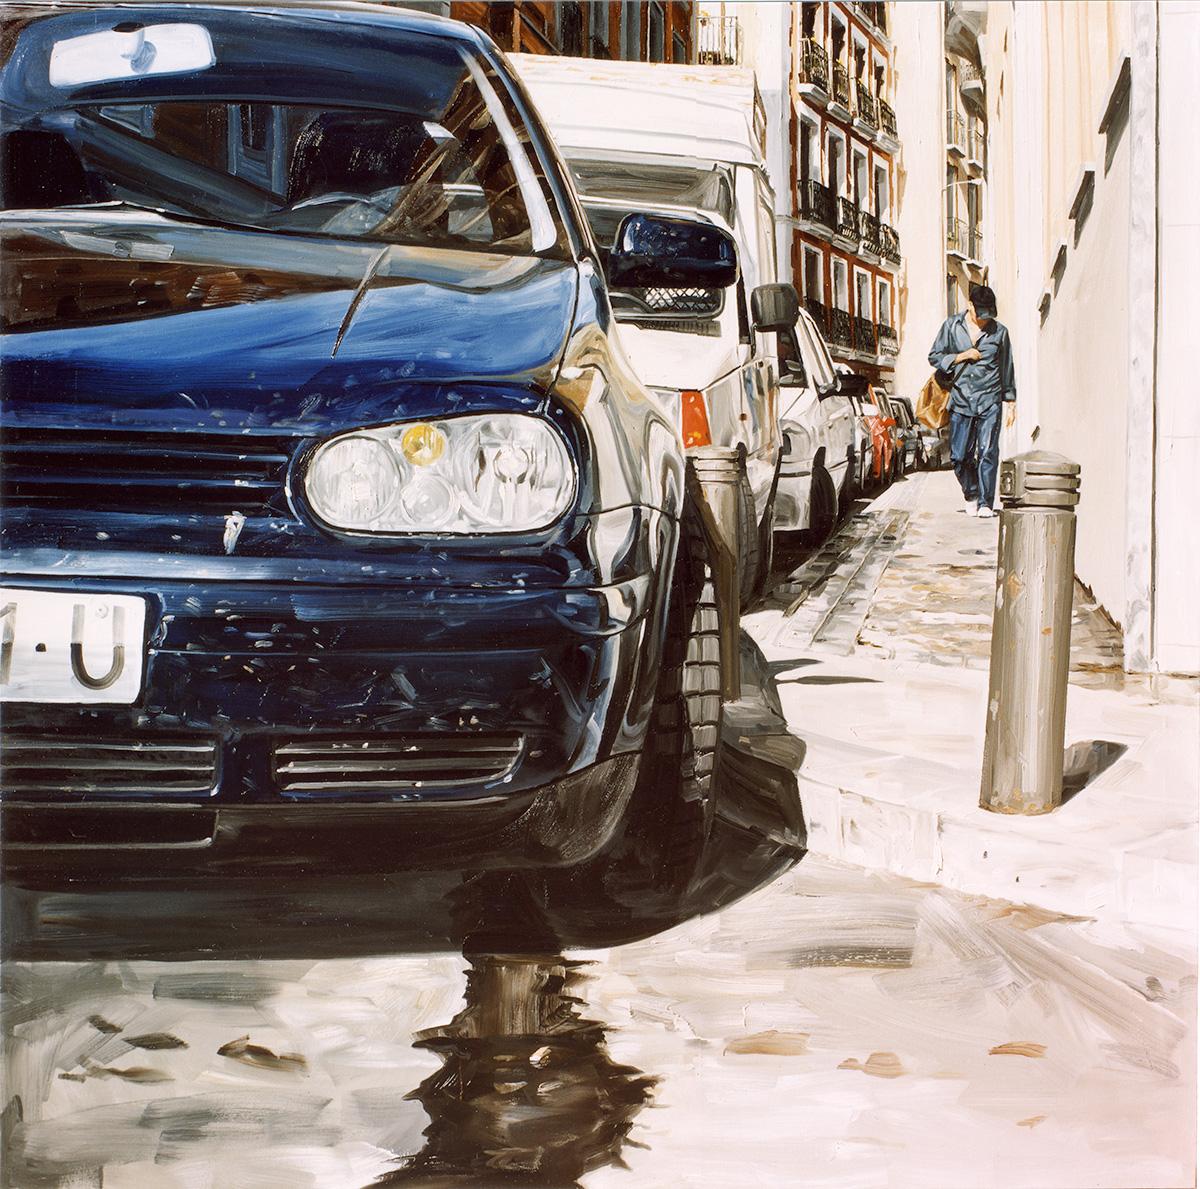 parked-cars-buildings-sidewalk-man.jpg